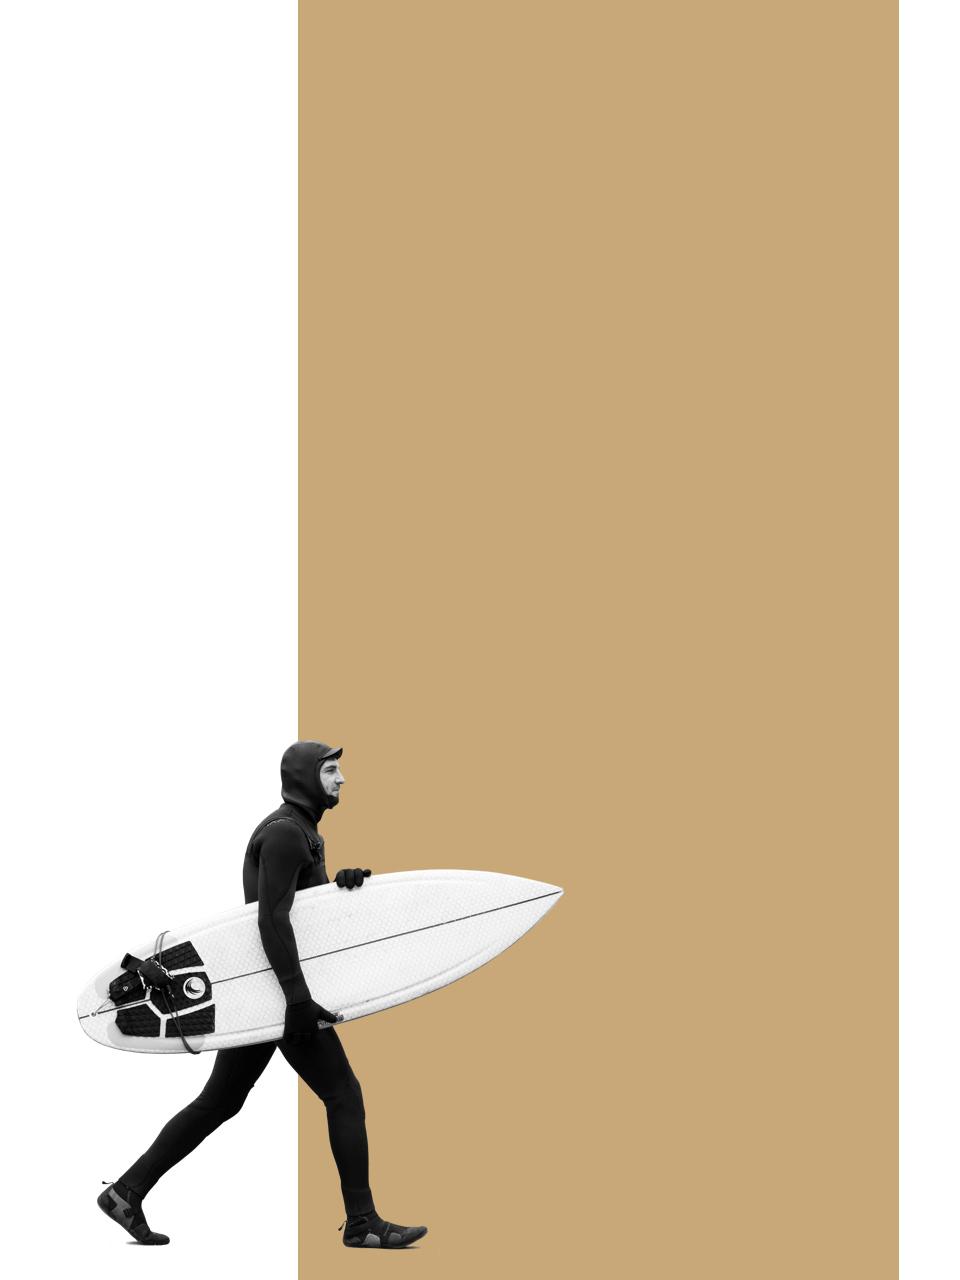 PRO_SC_CI_Surfer_2